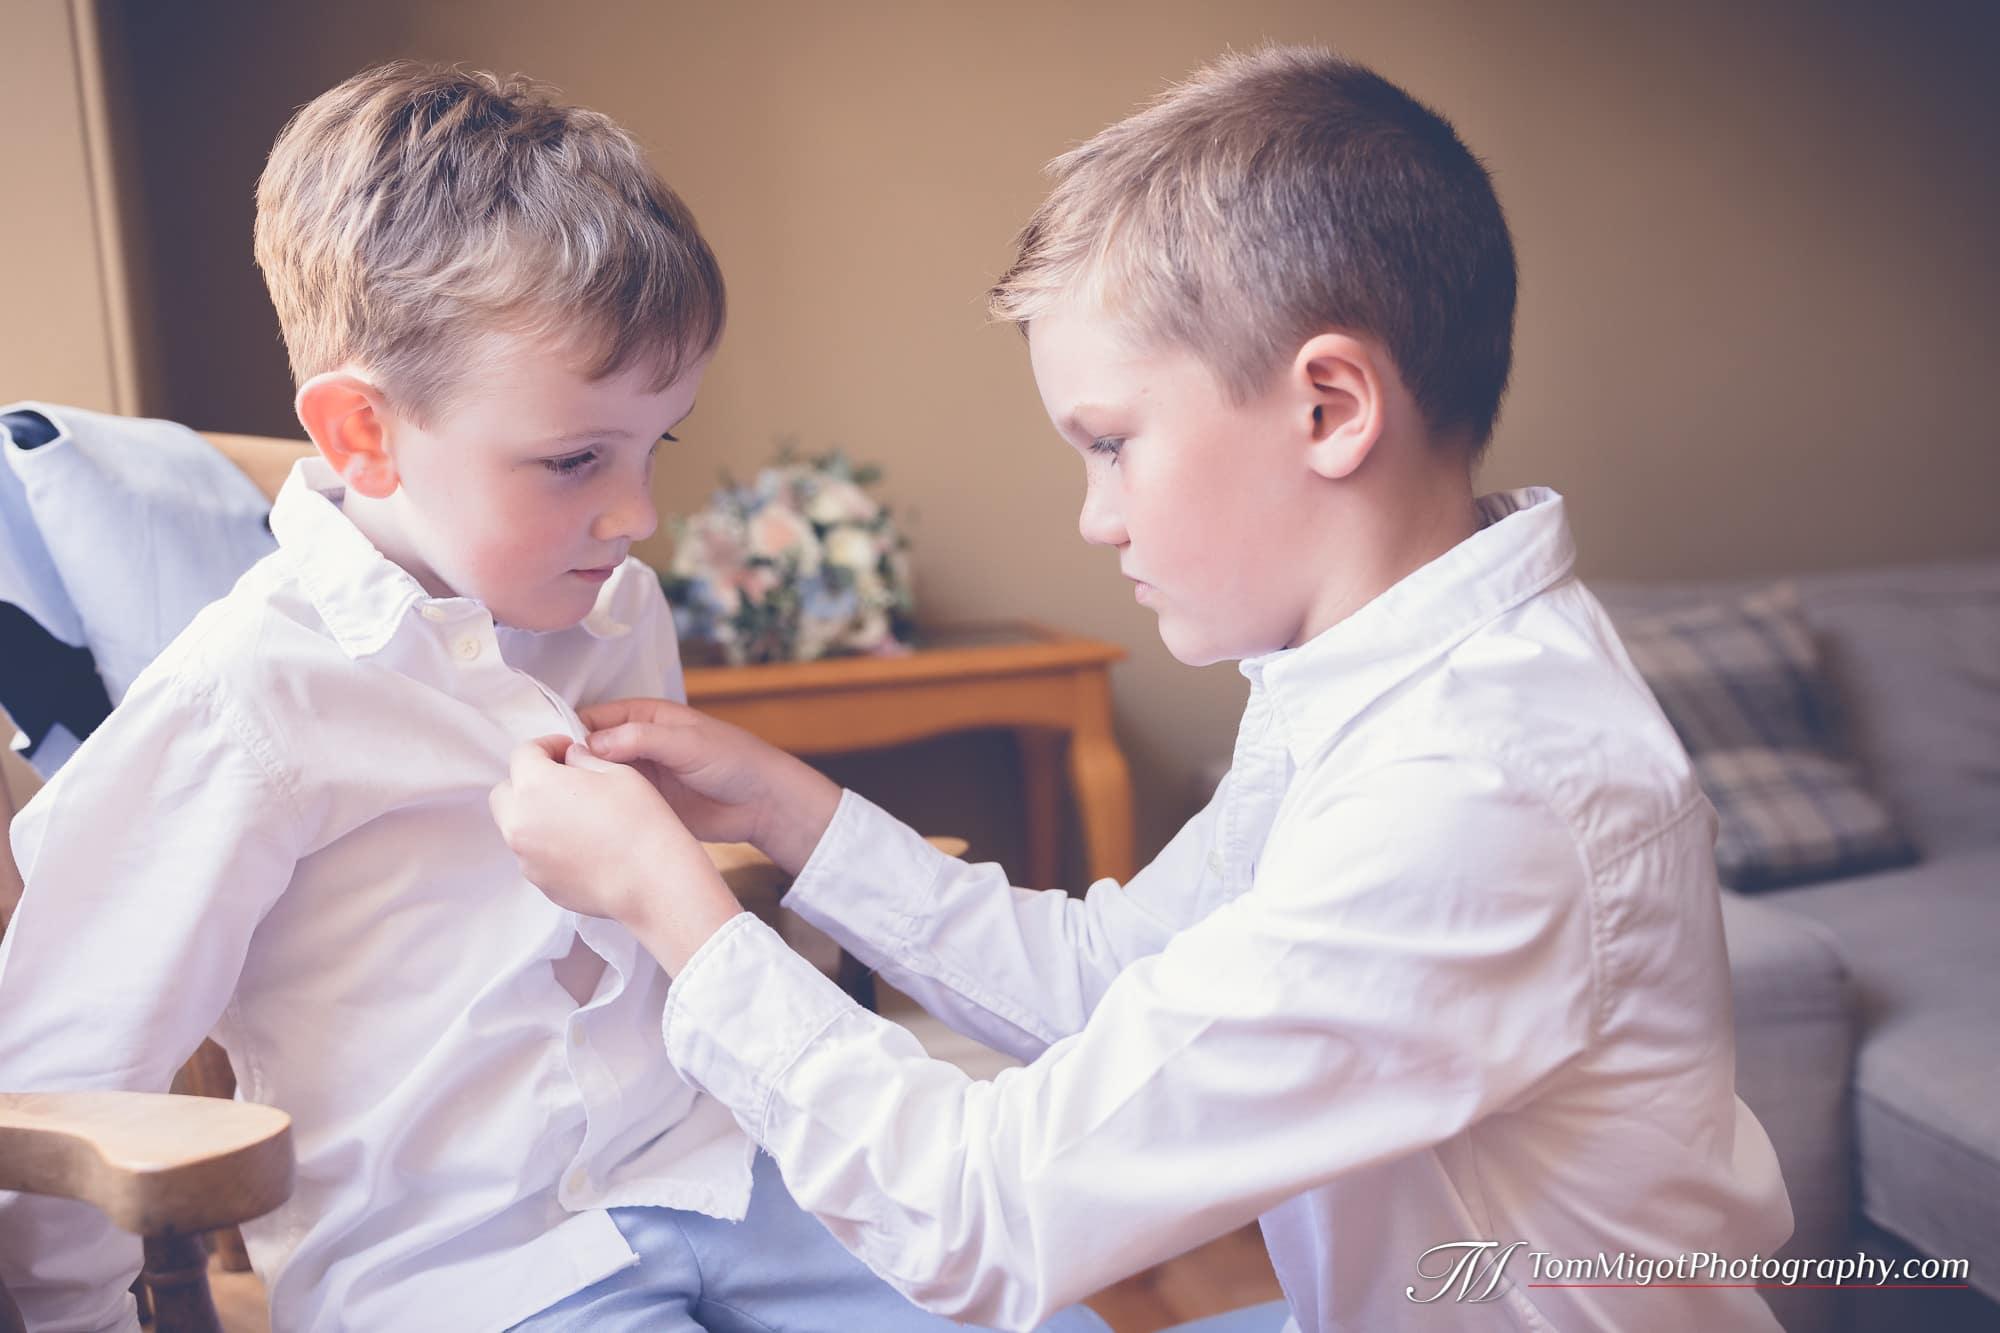 Le grand cousin aide à boutonner la chemise du plus petit